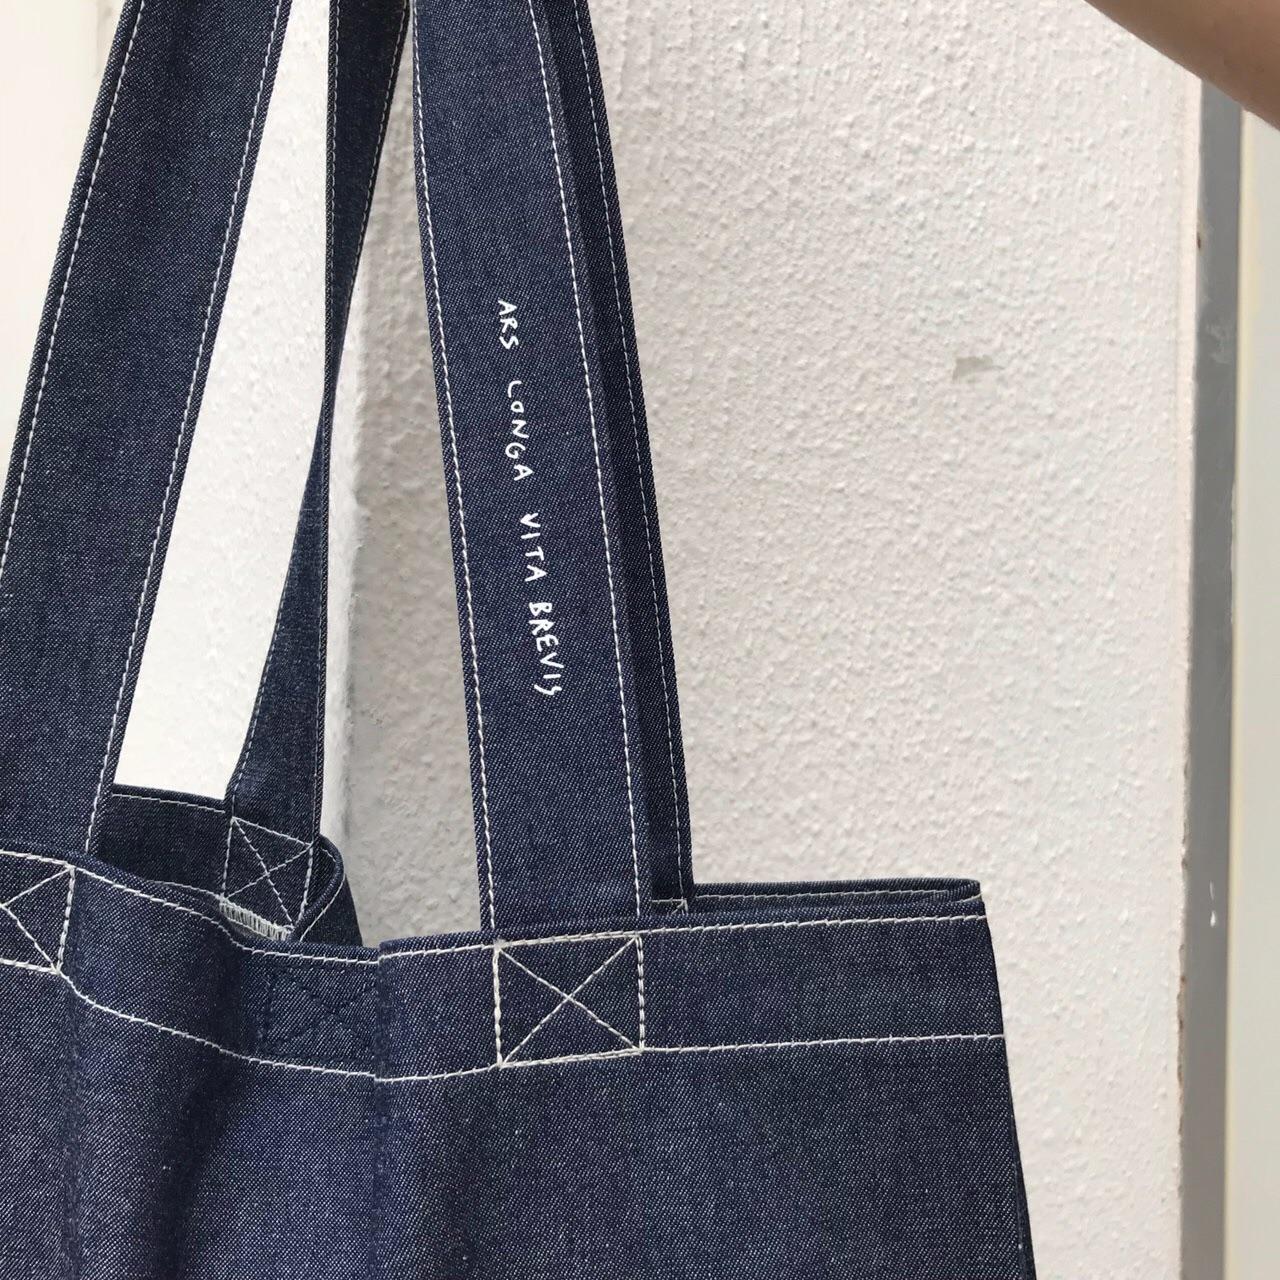 กระเป๋า,กระเป๋าผ้า,กระเป๋าสะพาย,กระเป๋าถือ